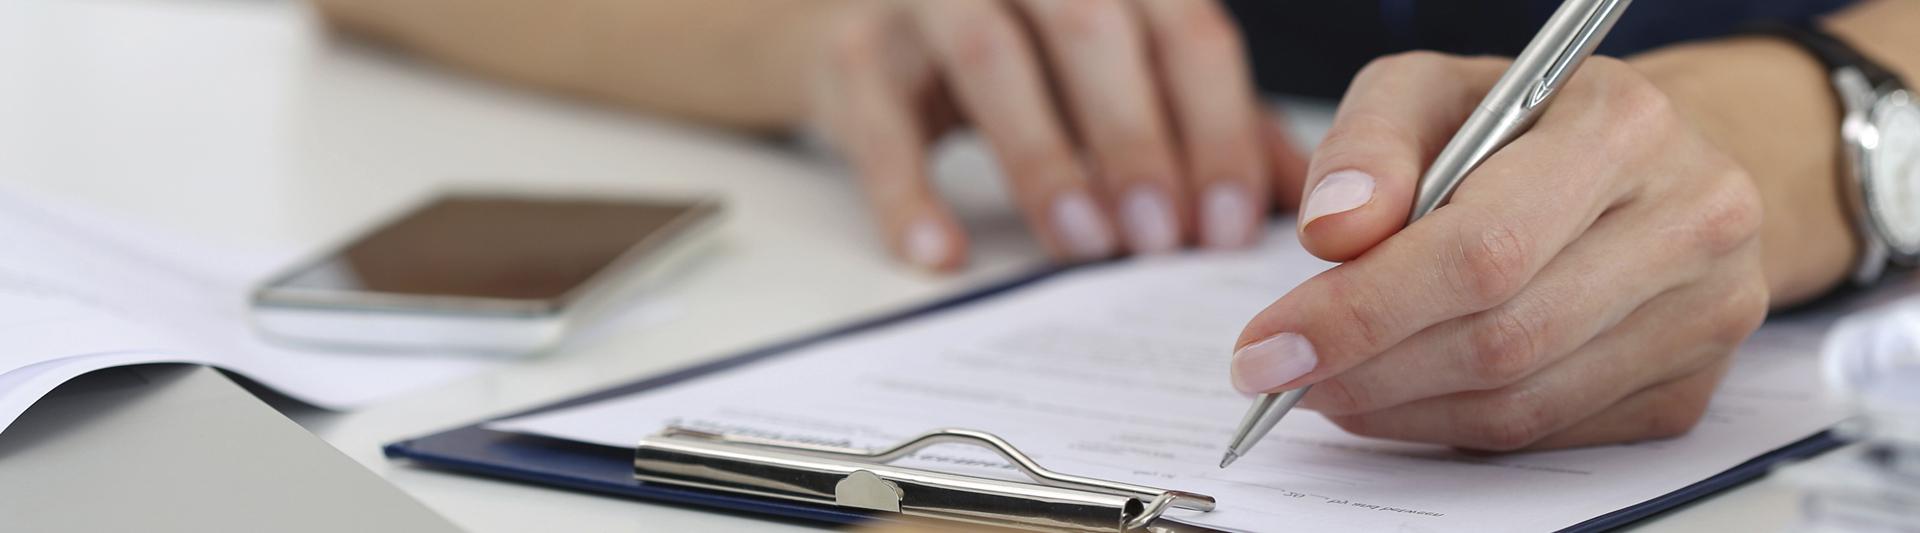 formularz rekrutacyjny apn